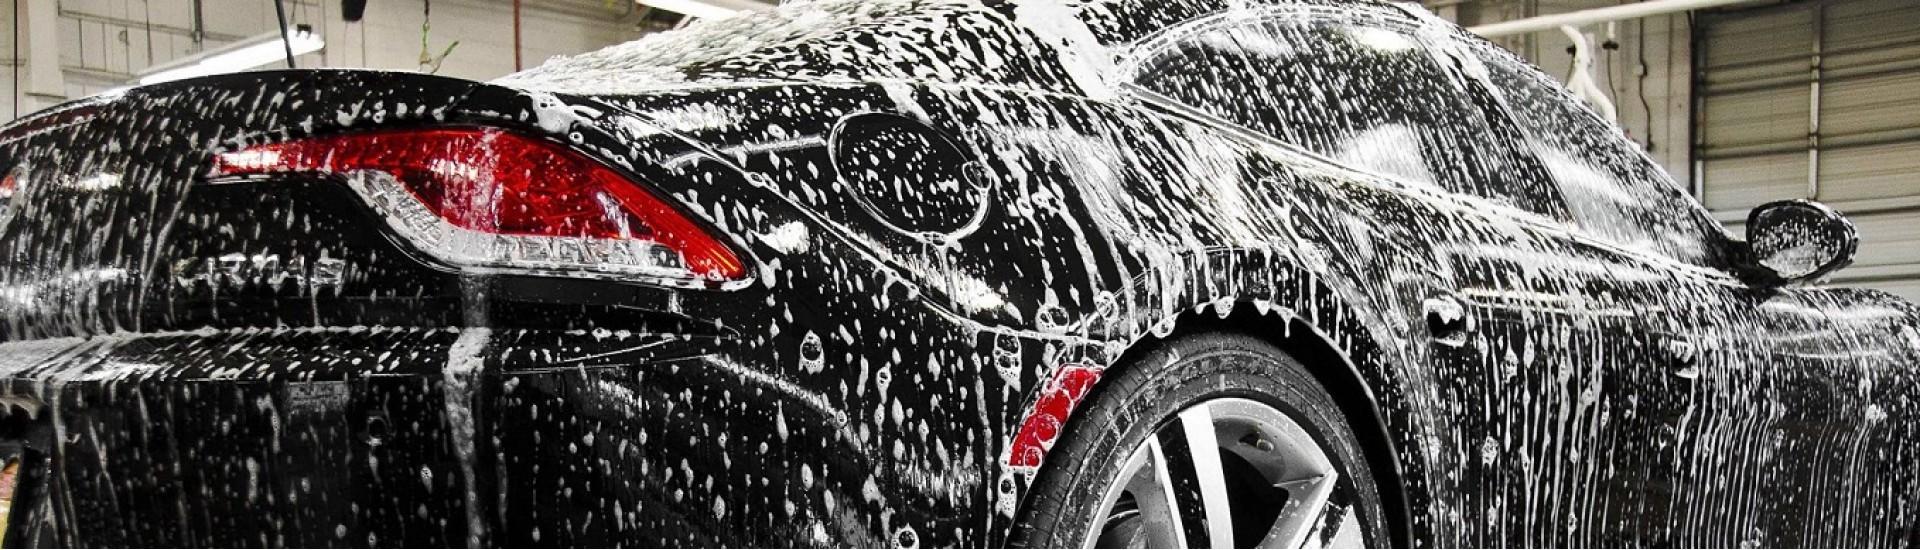 نظافت خودرو ، قیمت نظافت خودرو ، auto detailing & care